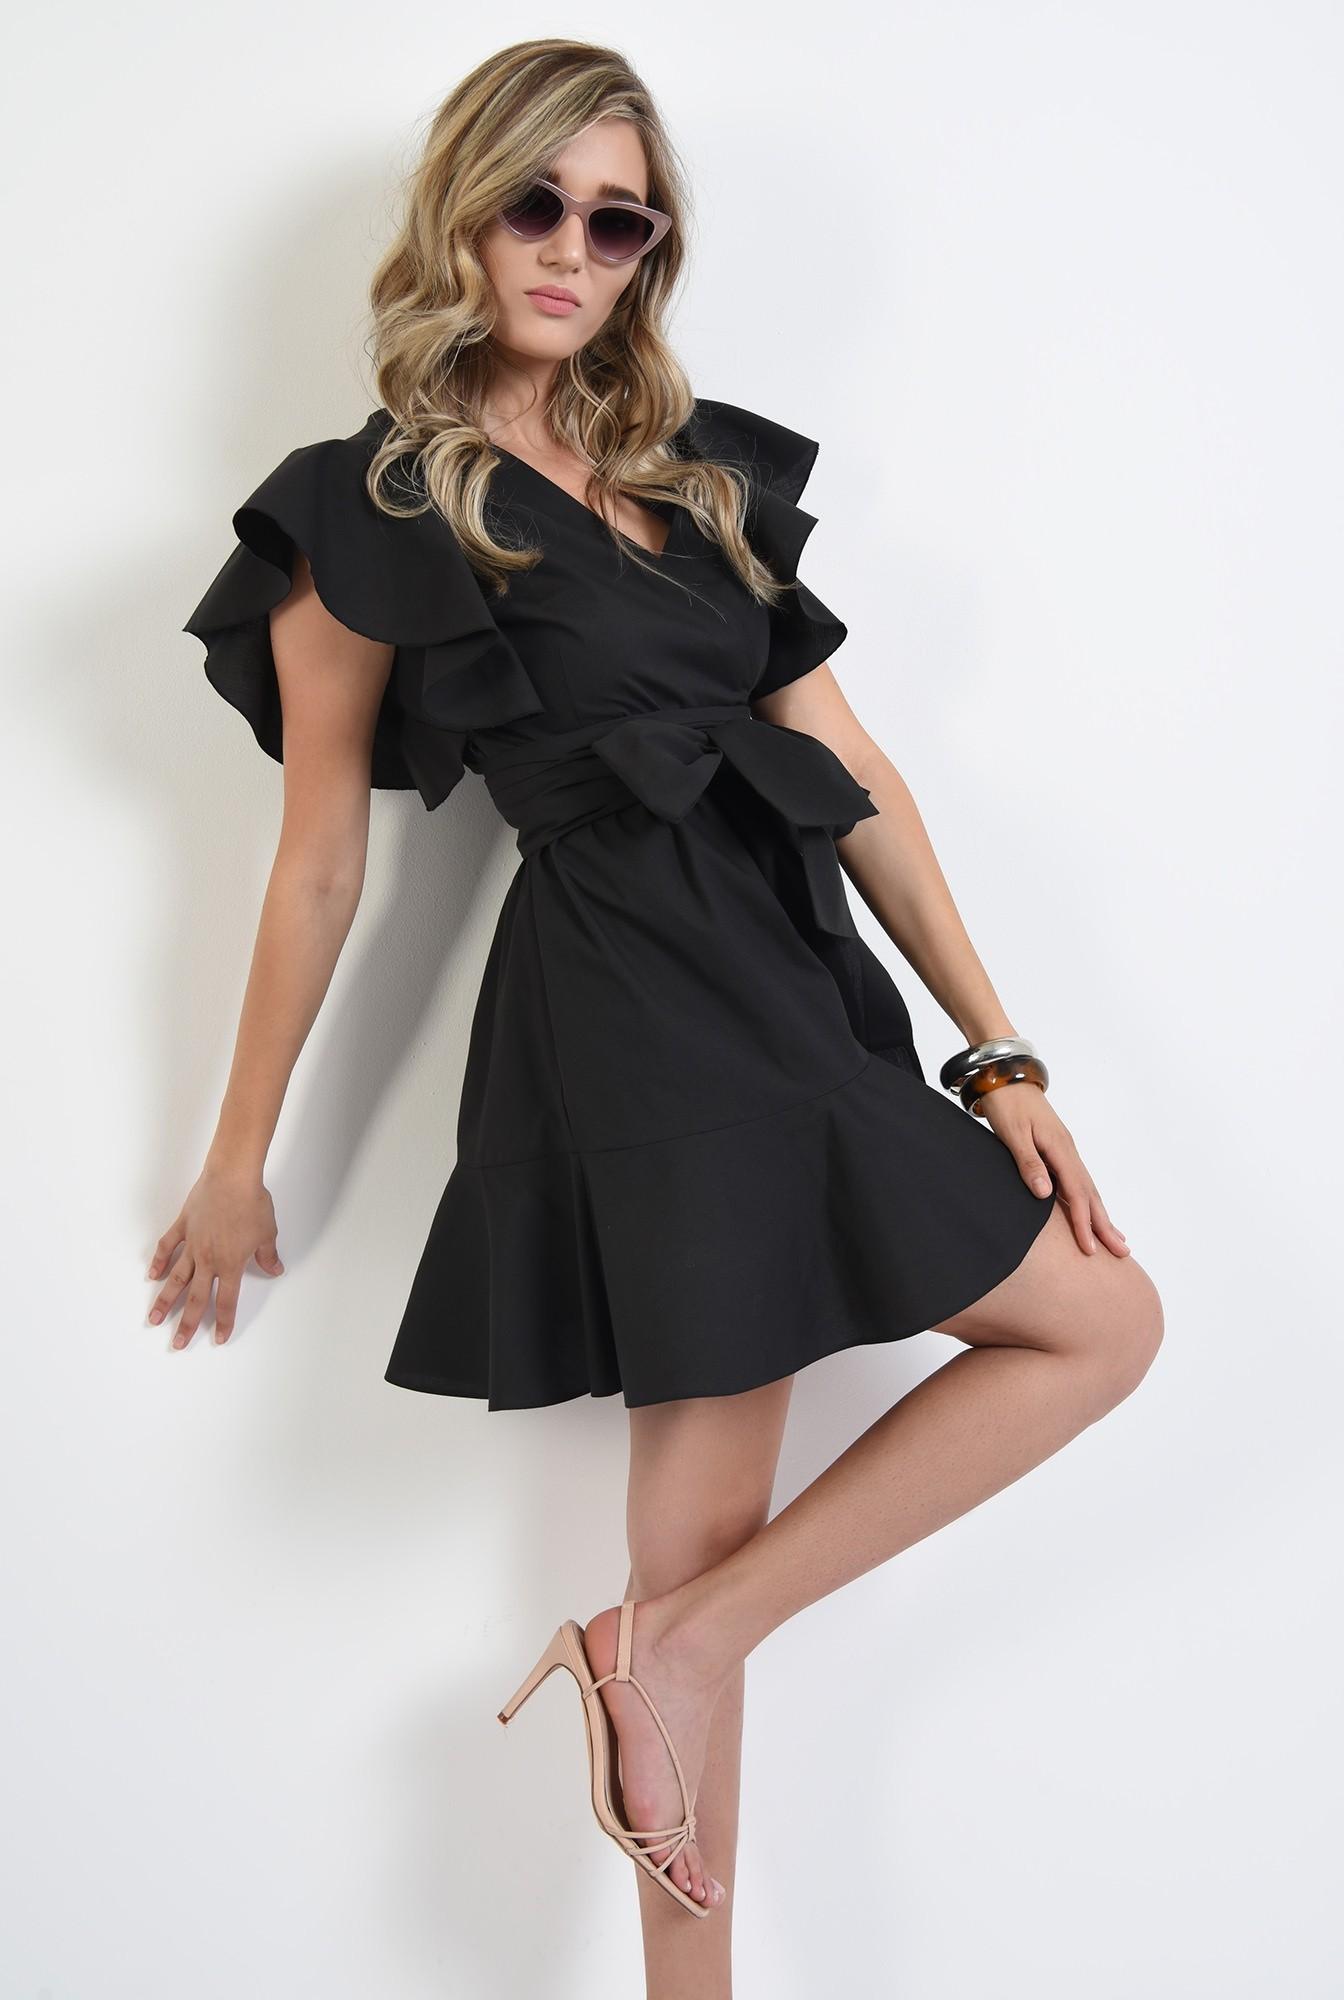 0 - 360 - rochie mini, clos, cu volan, anchior, maneci fluture, neagra